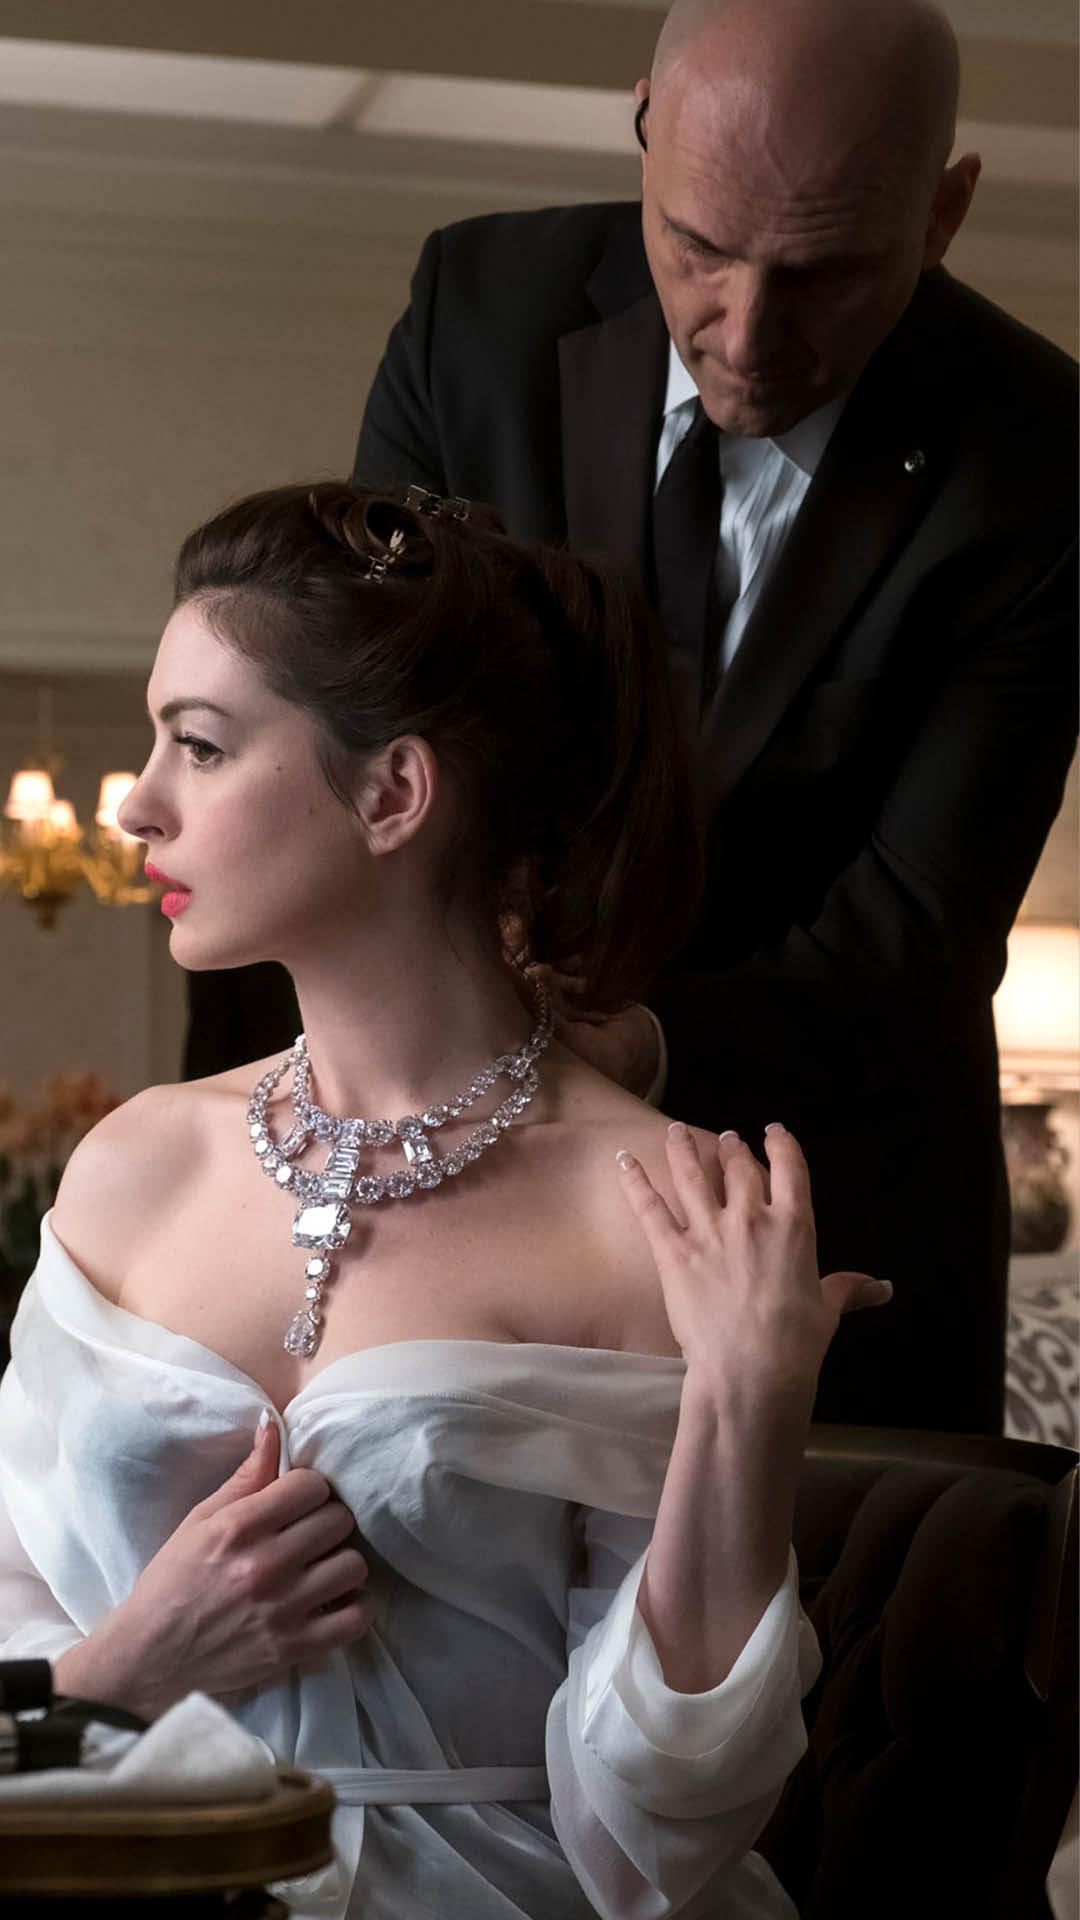 Anne-Hathaway-Jewellery-Heist-Oceans-8